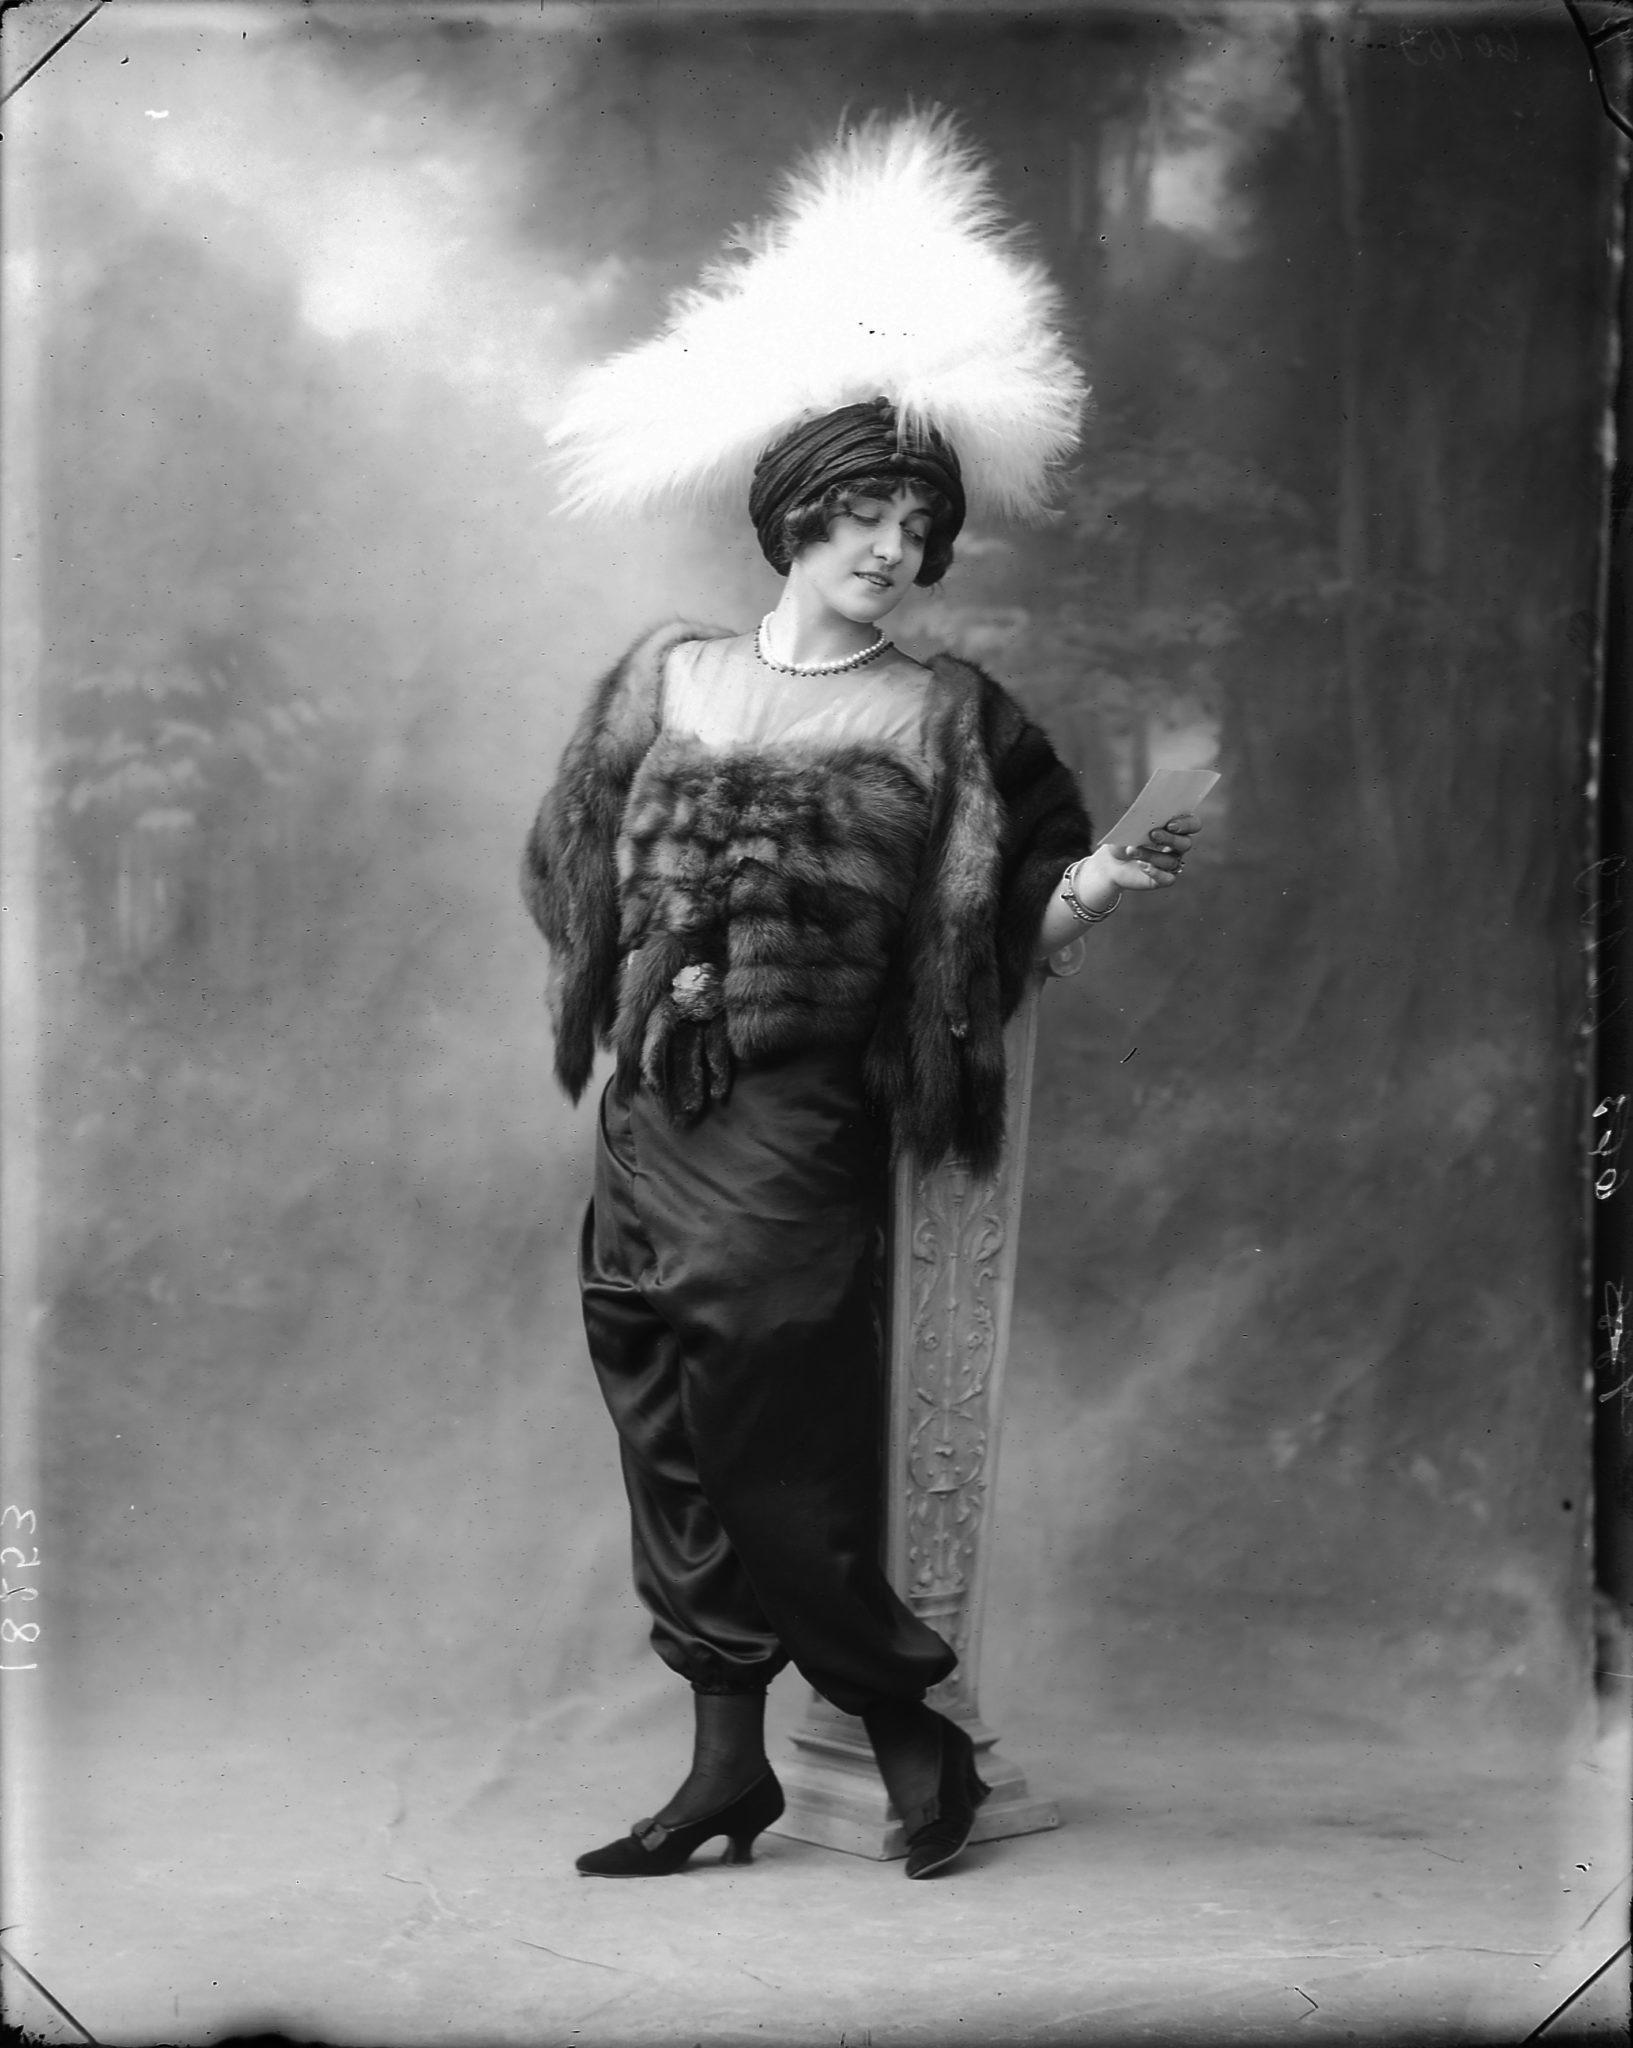 Lyda Borelli con la jupe-culotte, 1911 circa. Fotografia di Mario Numes Vais. ICCD-GFN, Archivio Nunes Vais, Roma